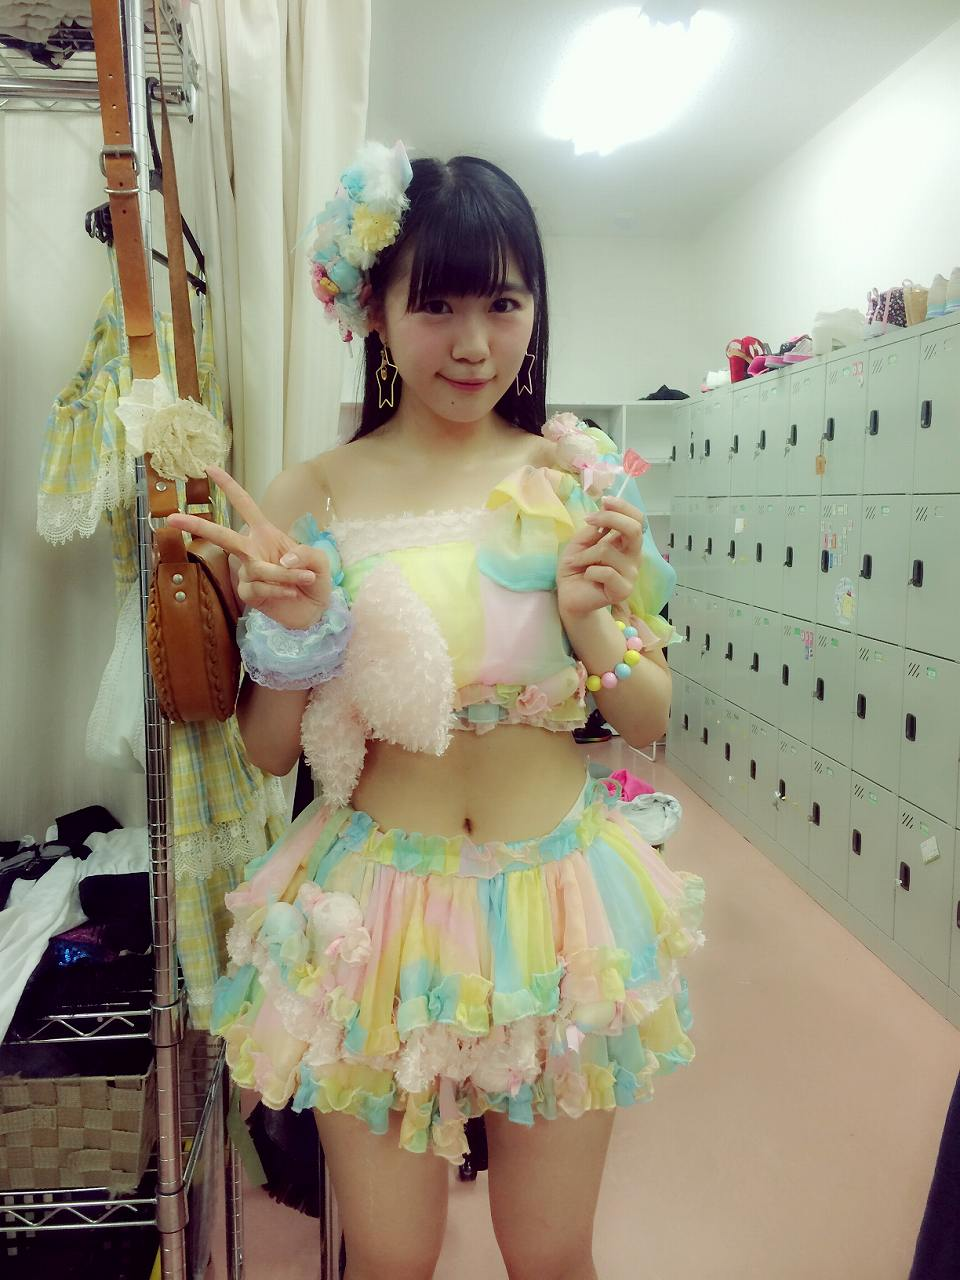 へそ出し衣装を着たHKT48・田中優香のくびれ